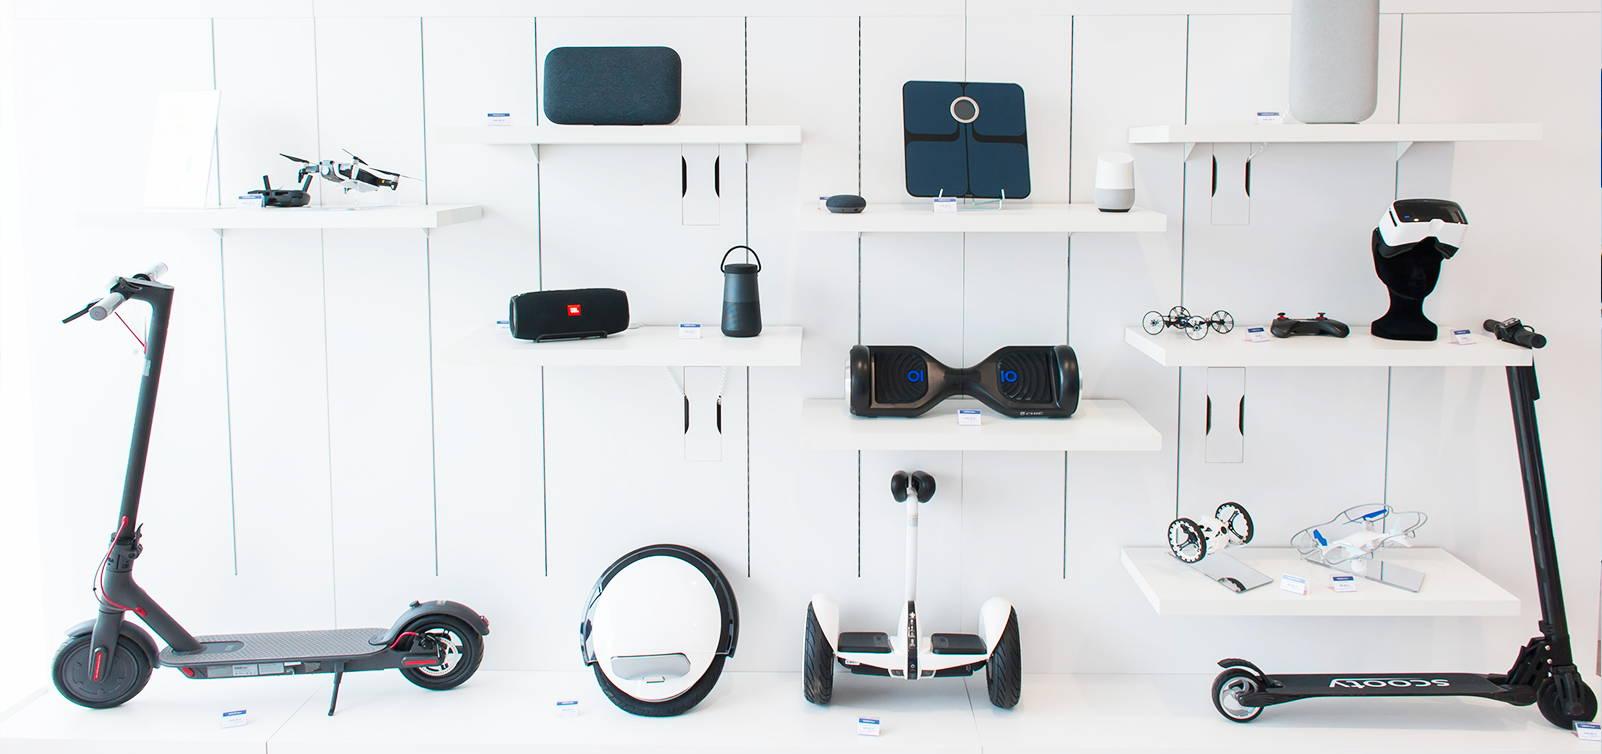 Une large gamme d'objets connectés